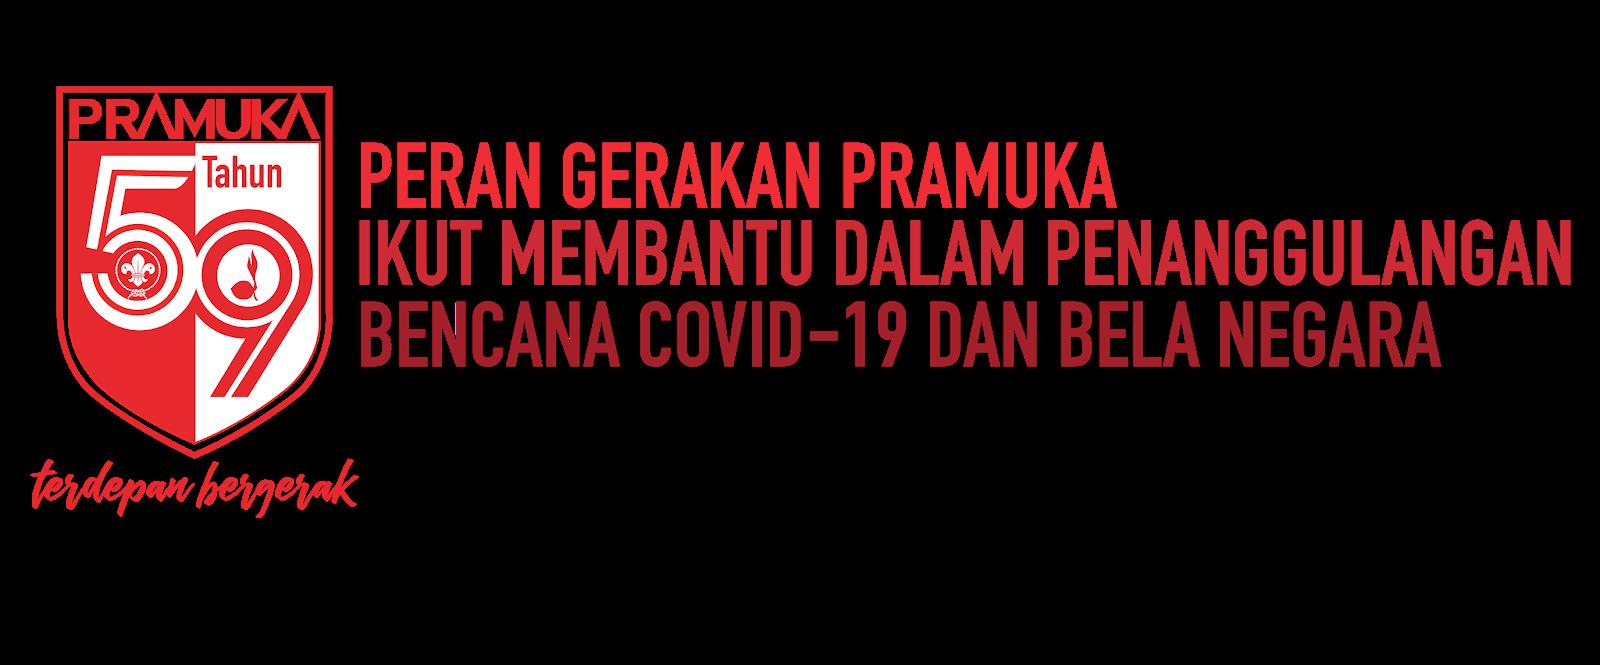 Logo Hut Pramuka 2020 Png